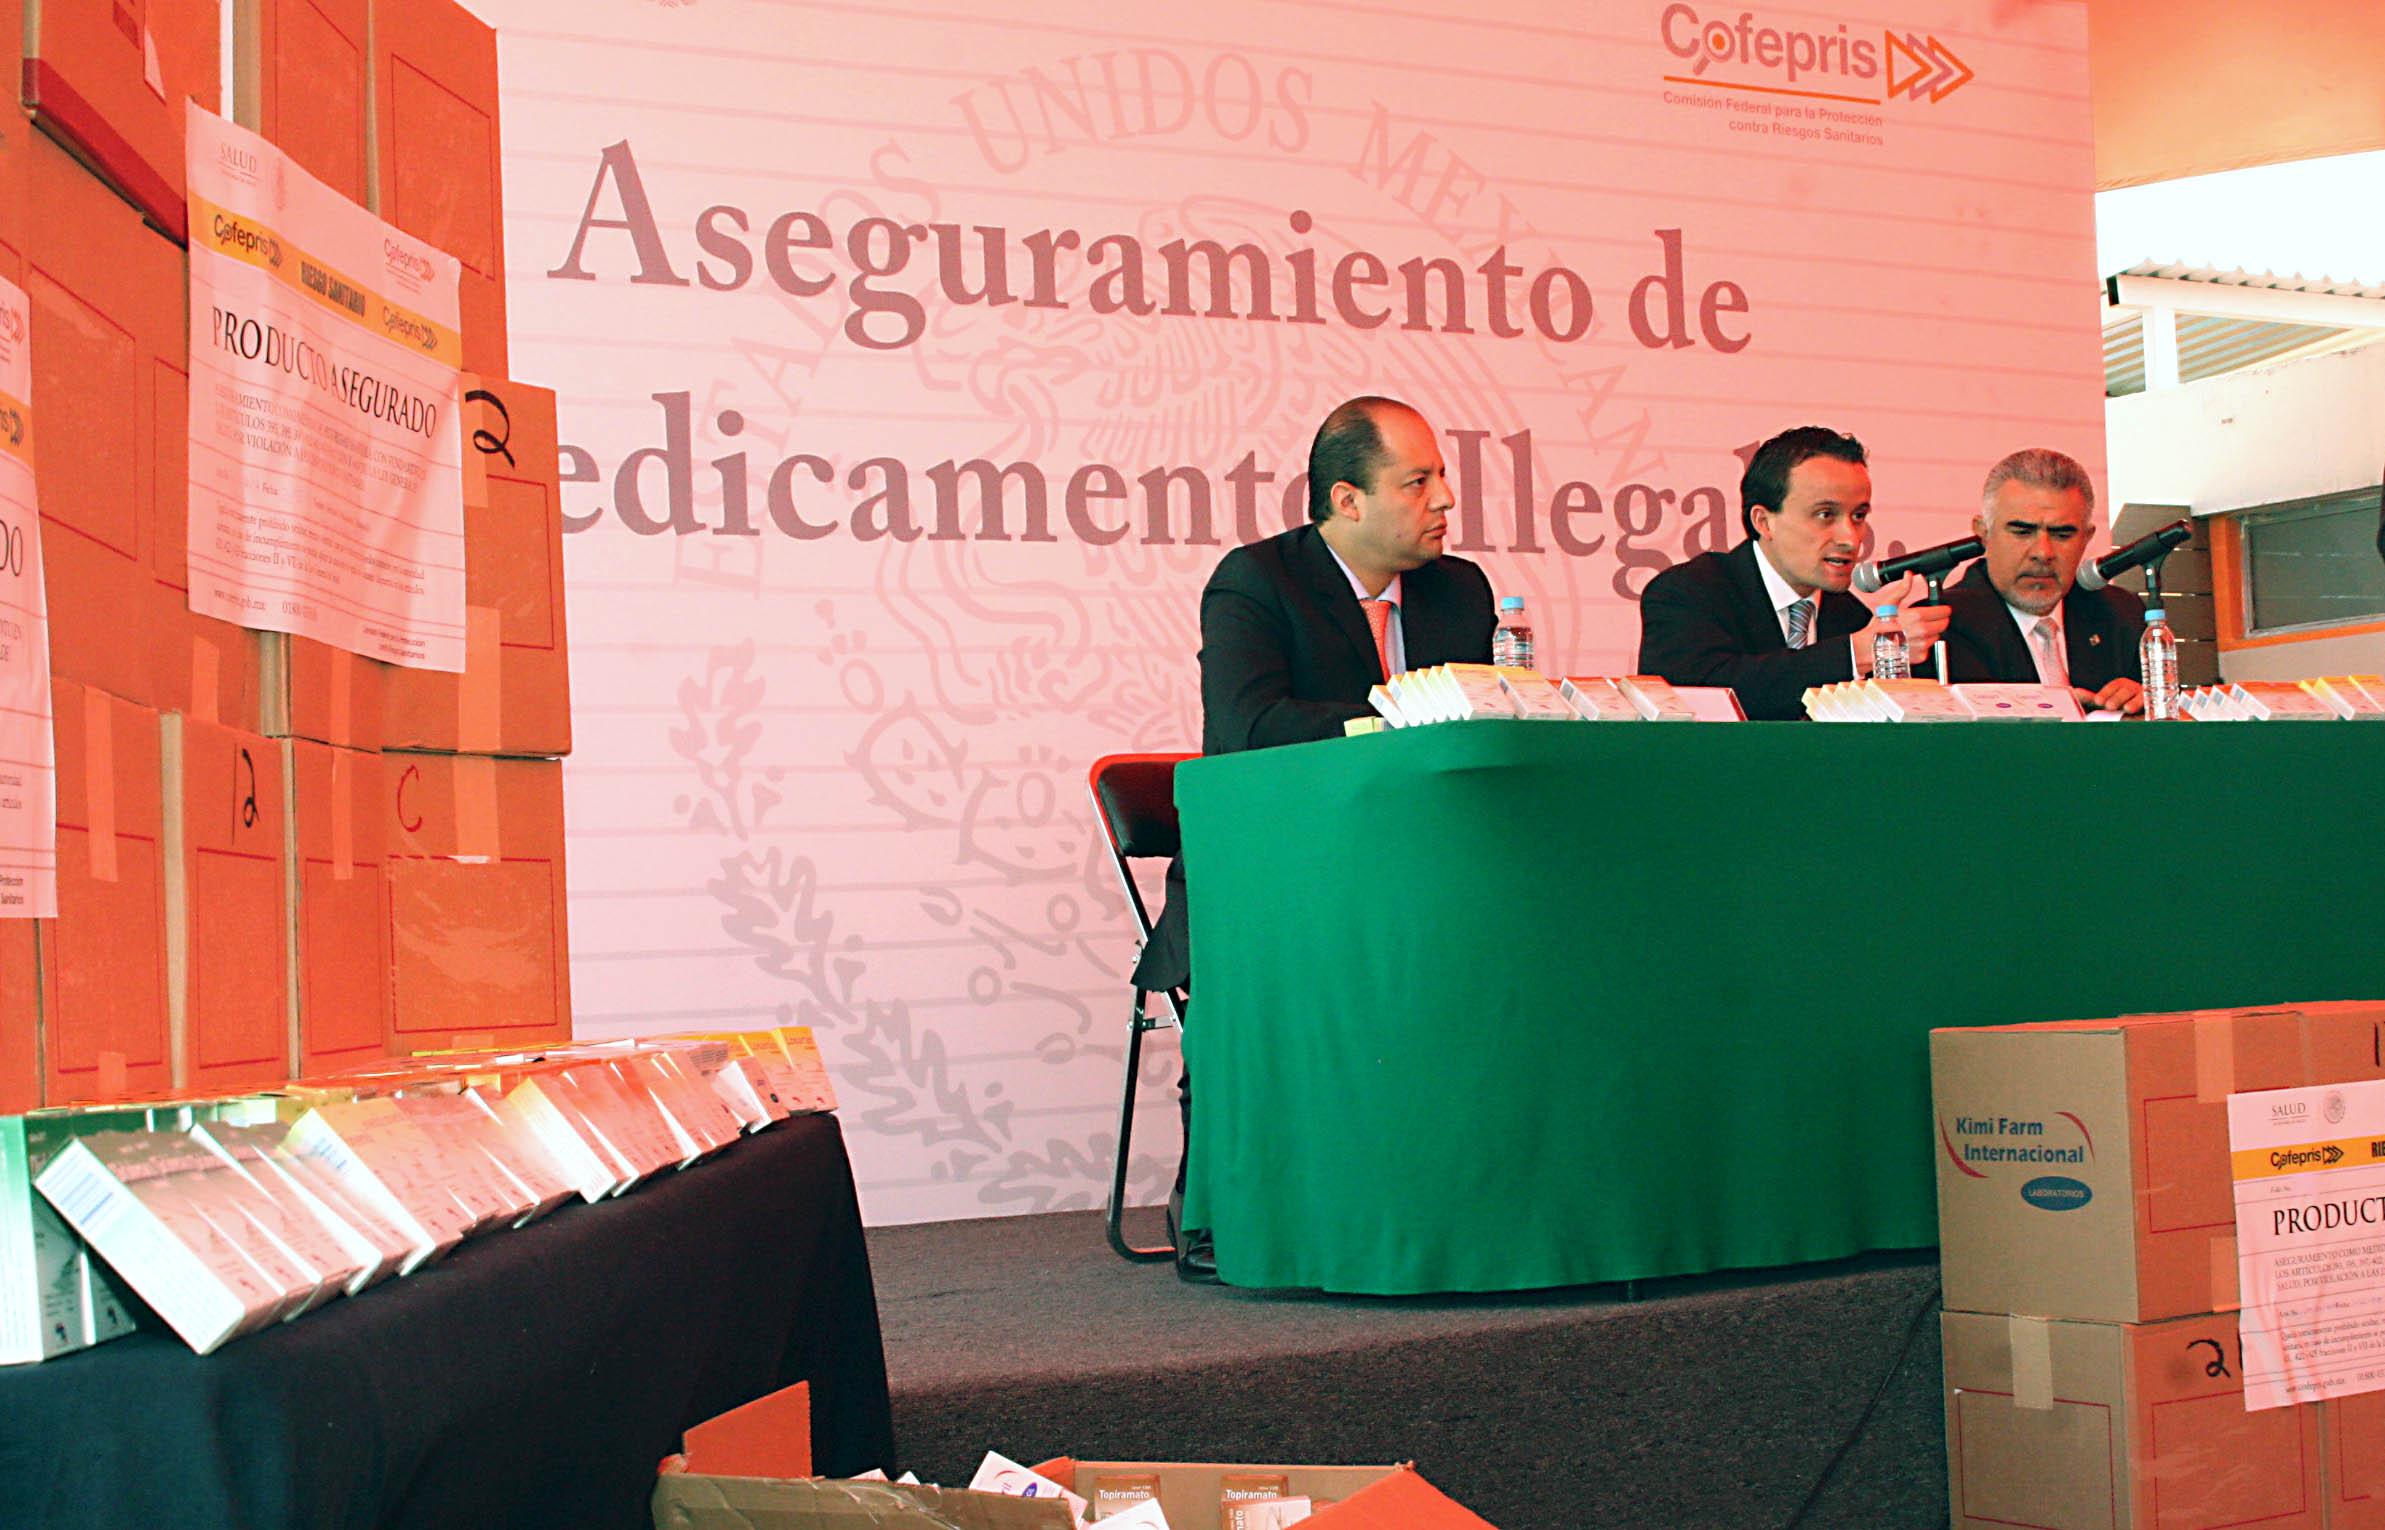 Aseguramiento de 166 toneladas de  medicamentos ilegales en Jalisco